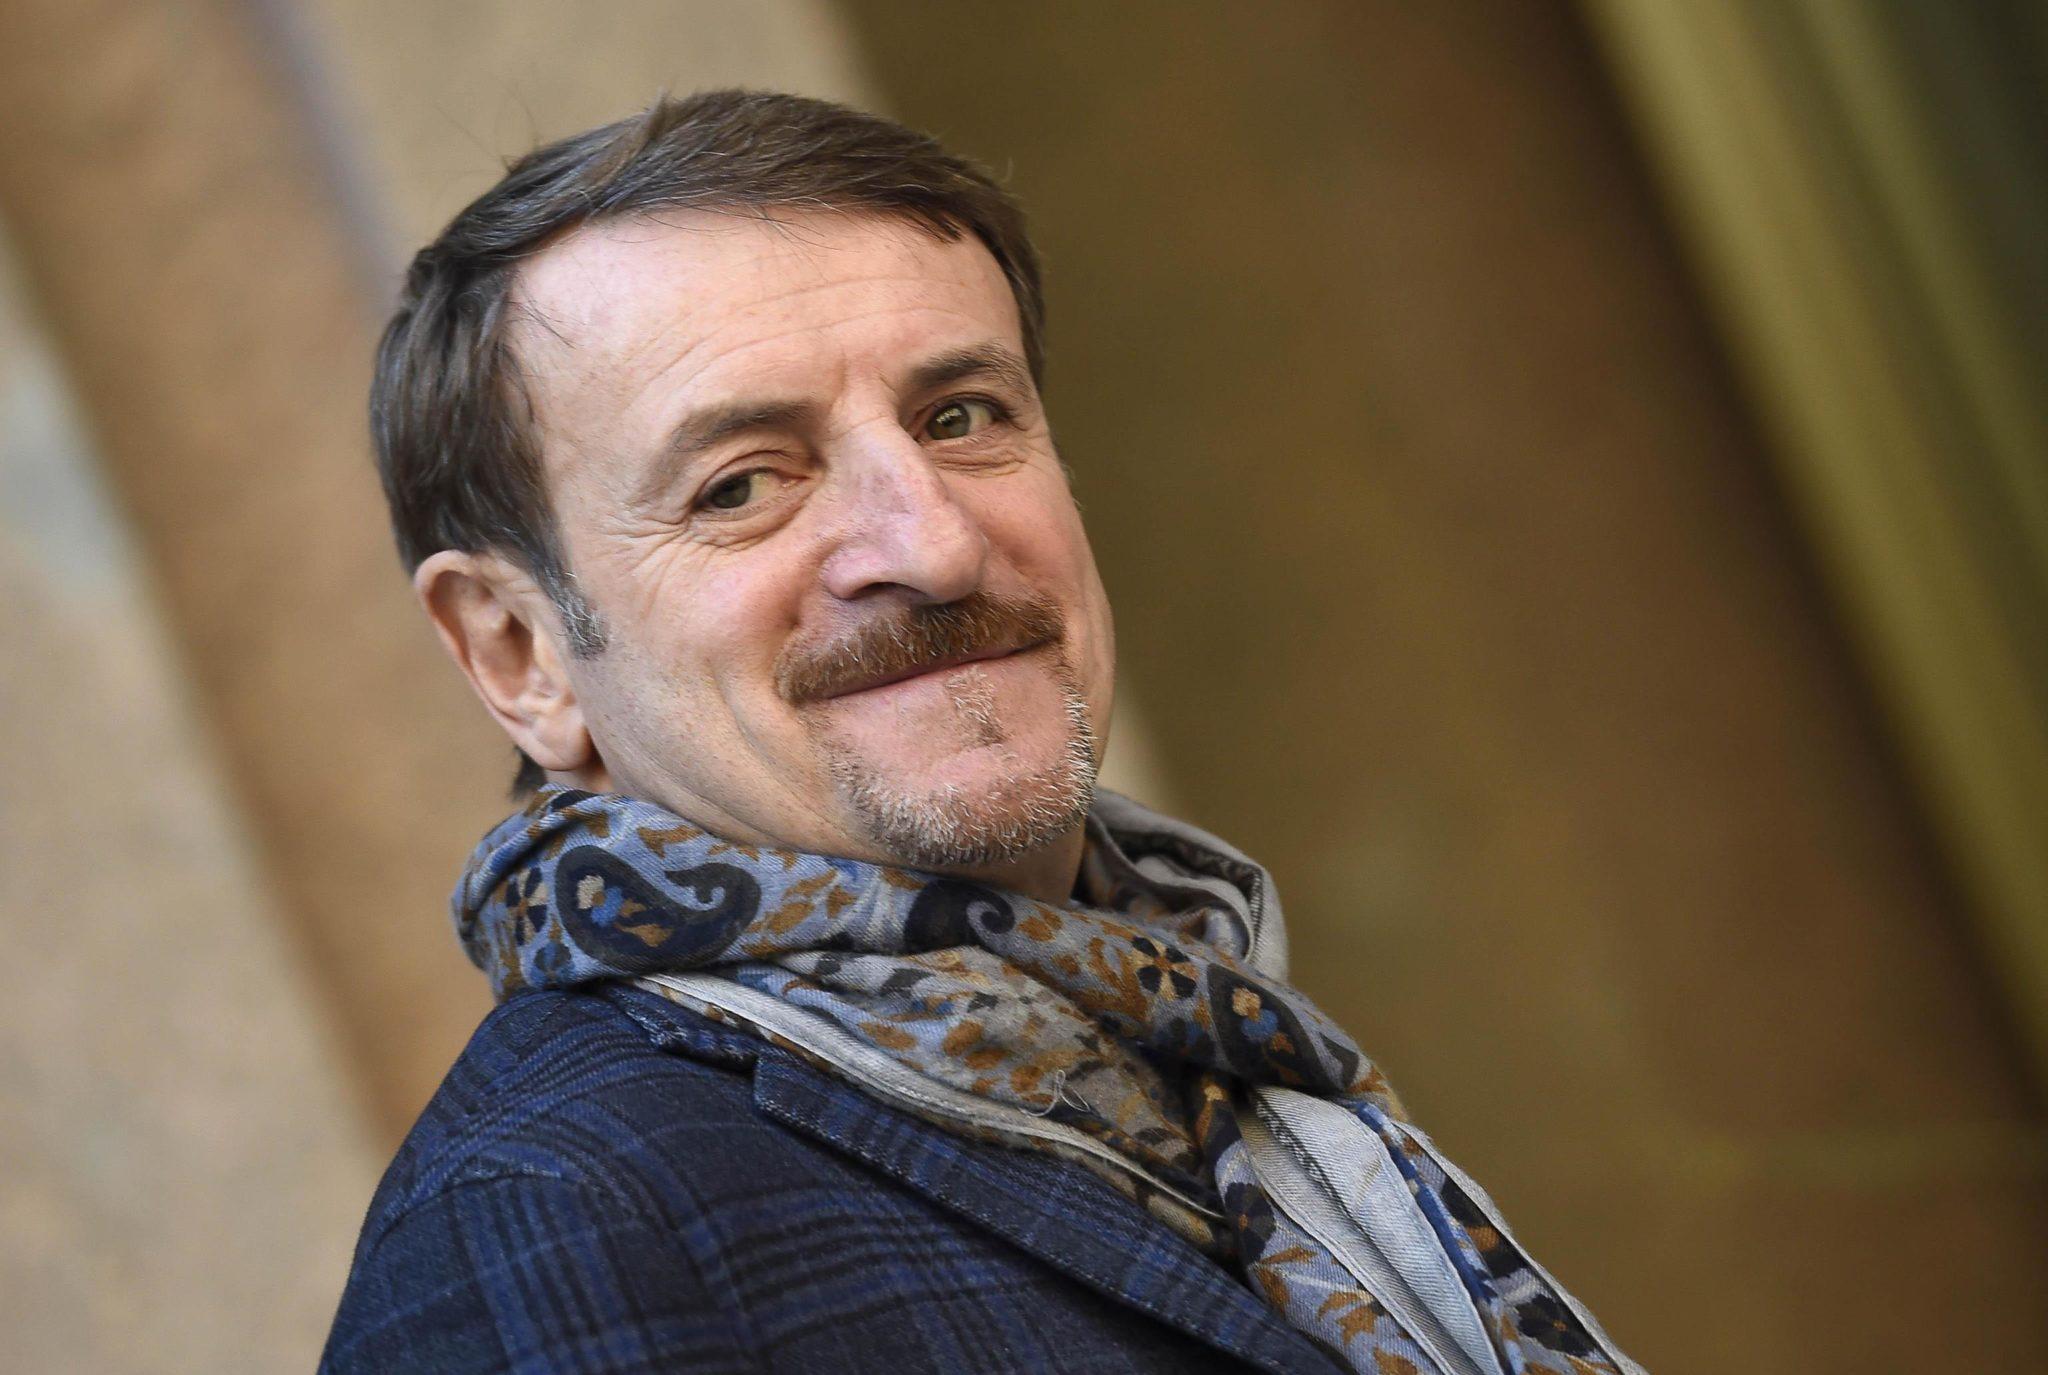 """Giacomo Poretti: """"Ho avuto il coronavirus, e anche mia moglie. Non riuscivo nemmeno a svitare la moka"""""""